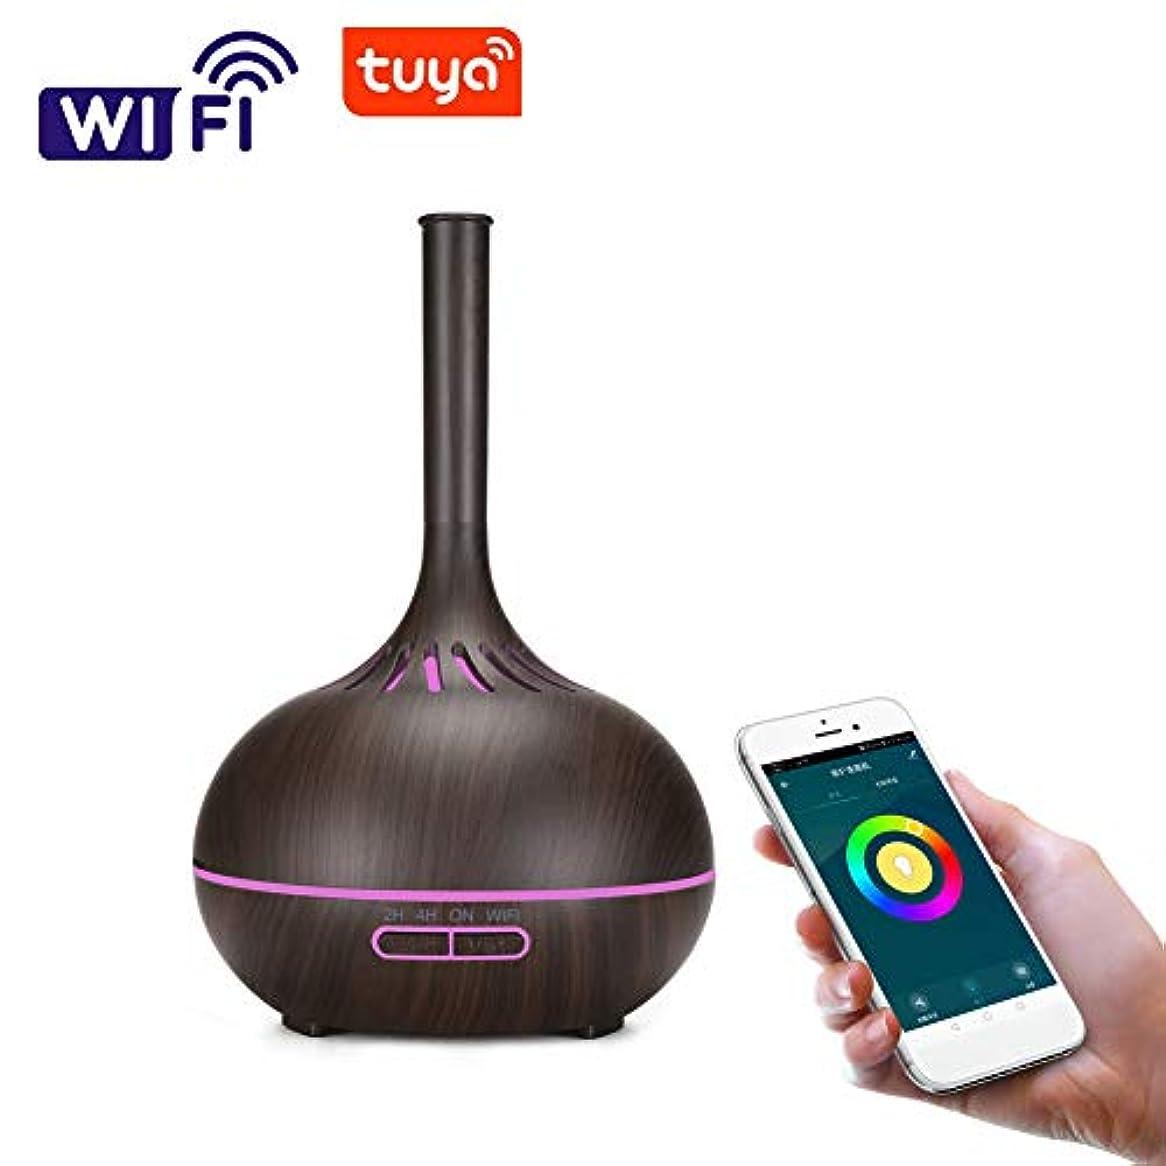 エスカレート先例コース木目 涼しい霧 超音波式 加湿器,wifi 7 色 香り 精油 ディフューザー 調整可能 空気加湿器 アロマネブライザー ホーム Yoga オフィス- 400ml